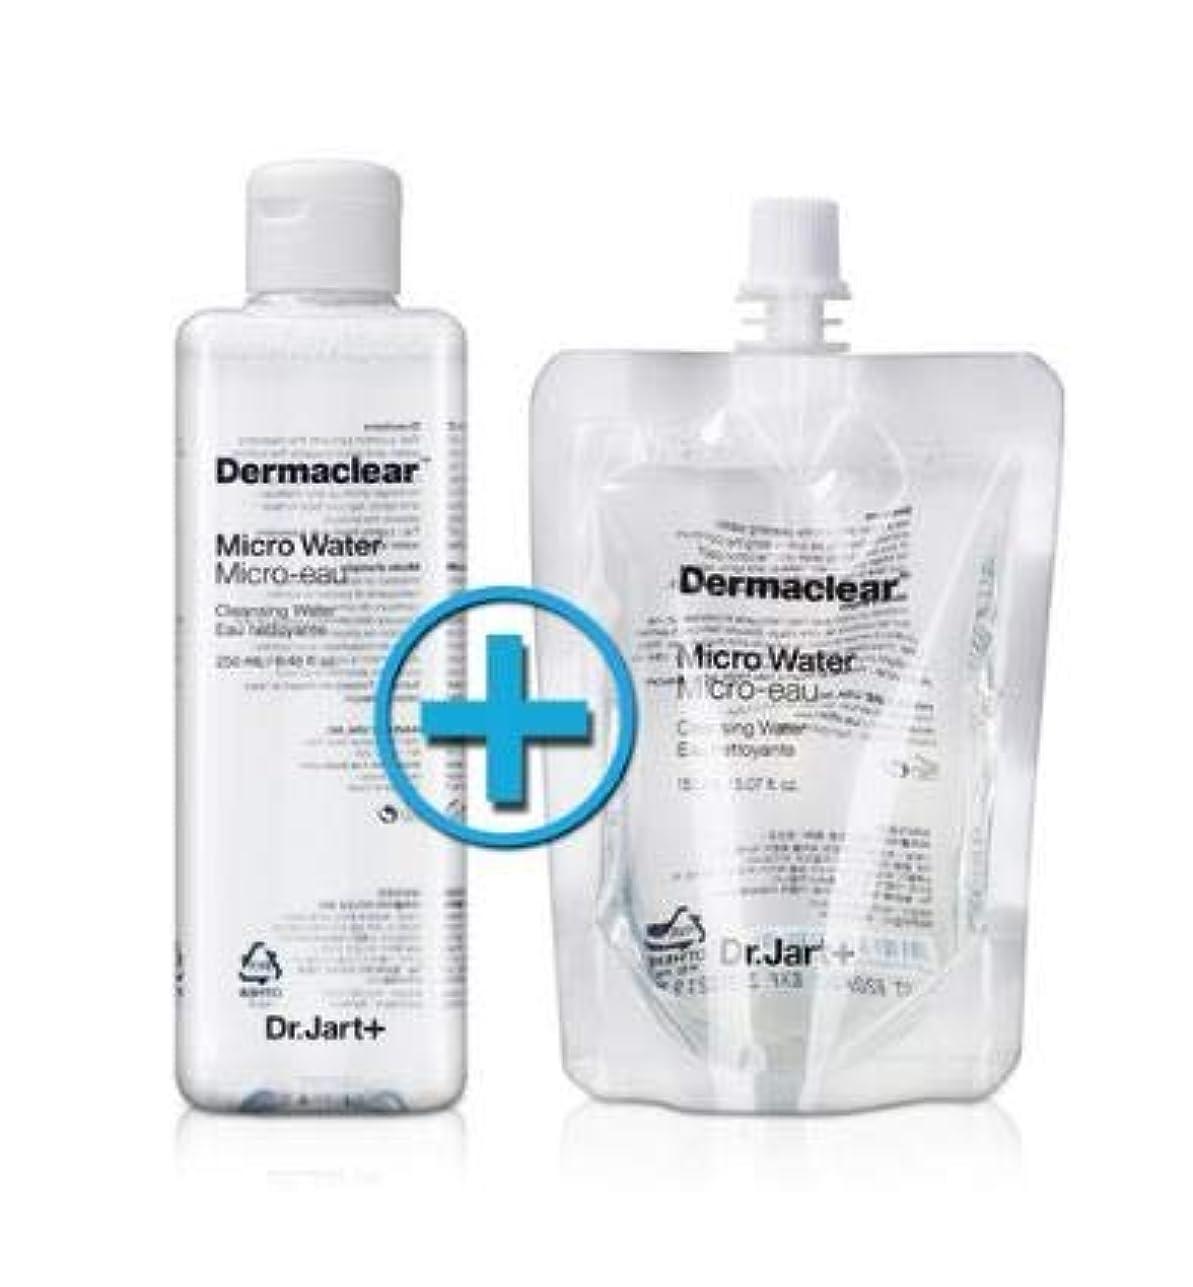 白鳥ドアミラー海外ドクタージャルト ダーマクリア マイクロ ウォーター 250ml+150ml Dr.Jart+ Dermaclear Micro Water 250ml+150ml [並行輸入品]